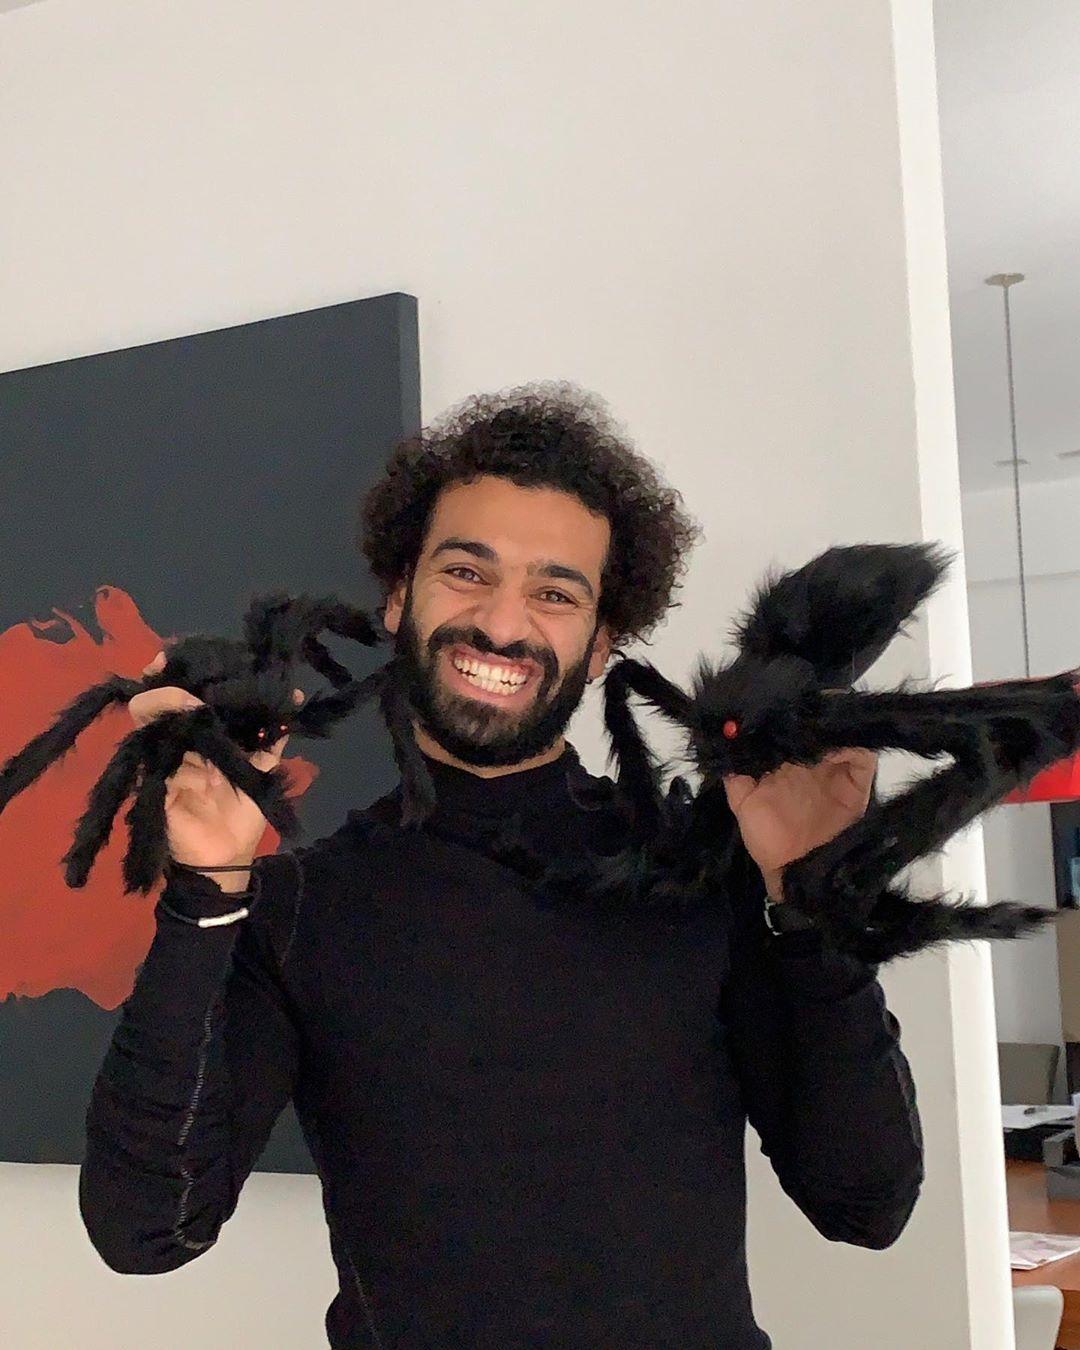 Tiền đạo Mohamed Salah cùng những chú nhệt Halloween